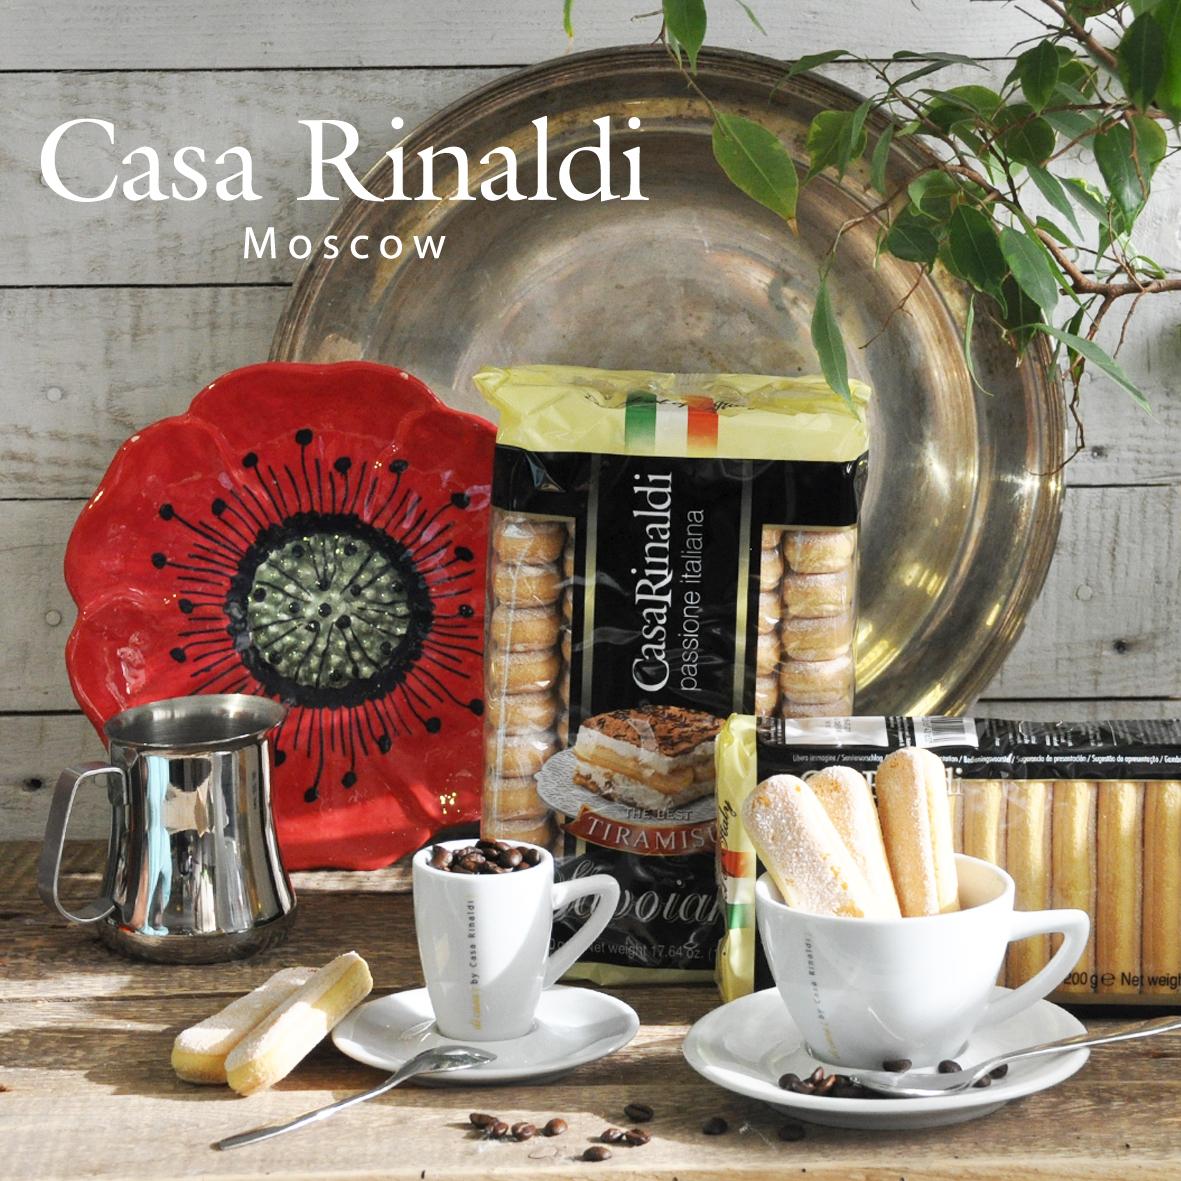 Печенье Casa Rinaldi для тирамису Савоярди 200 г